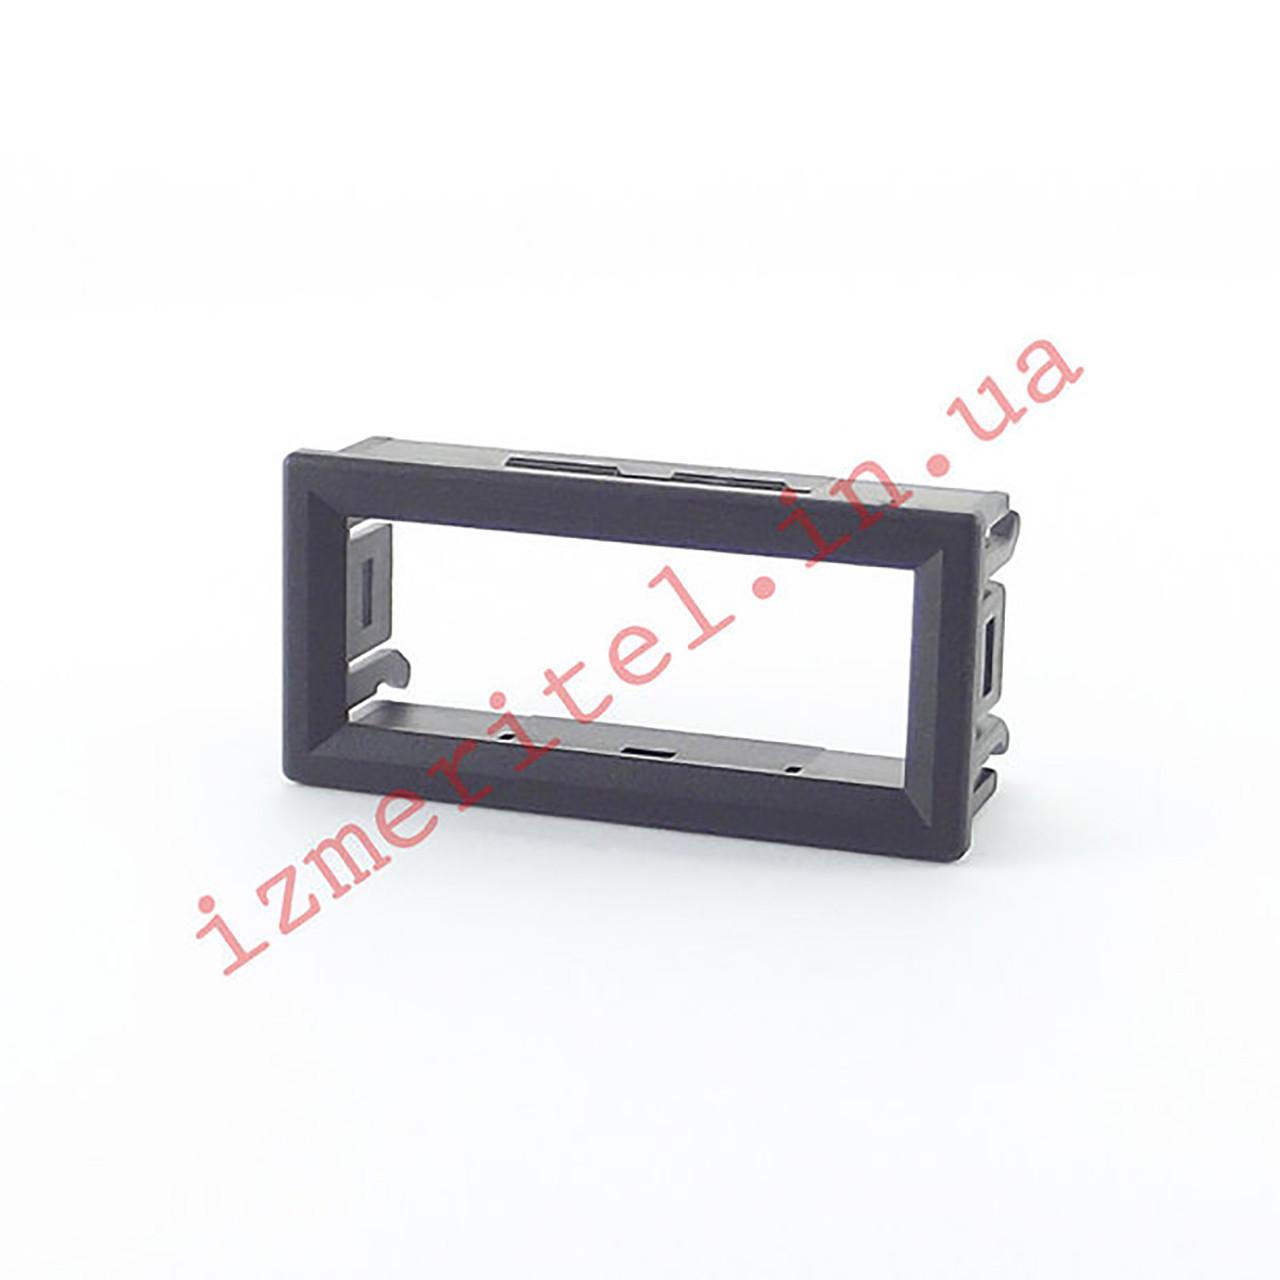 Рамка-корпус для цифровых индикаторов 0.56/4